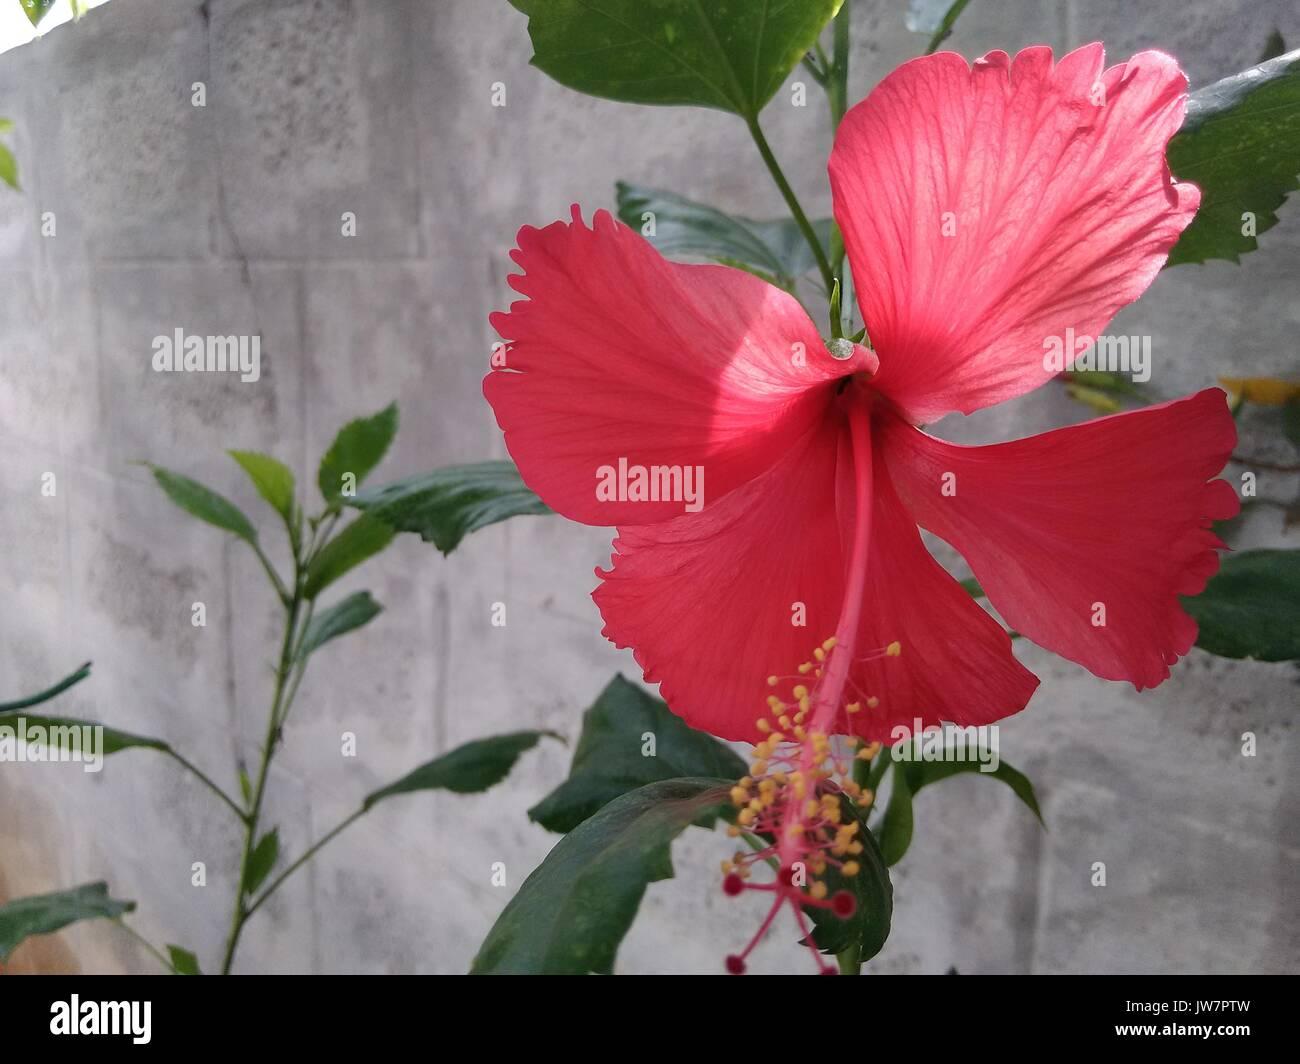 Haiti national flower stock photos haiti national flower stock hibiscus on plant stock image izmirmasajfo